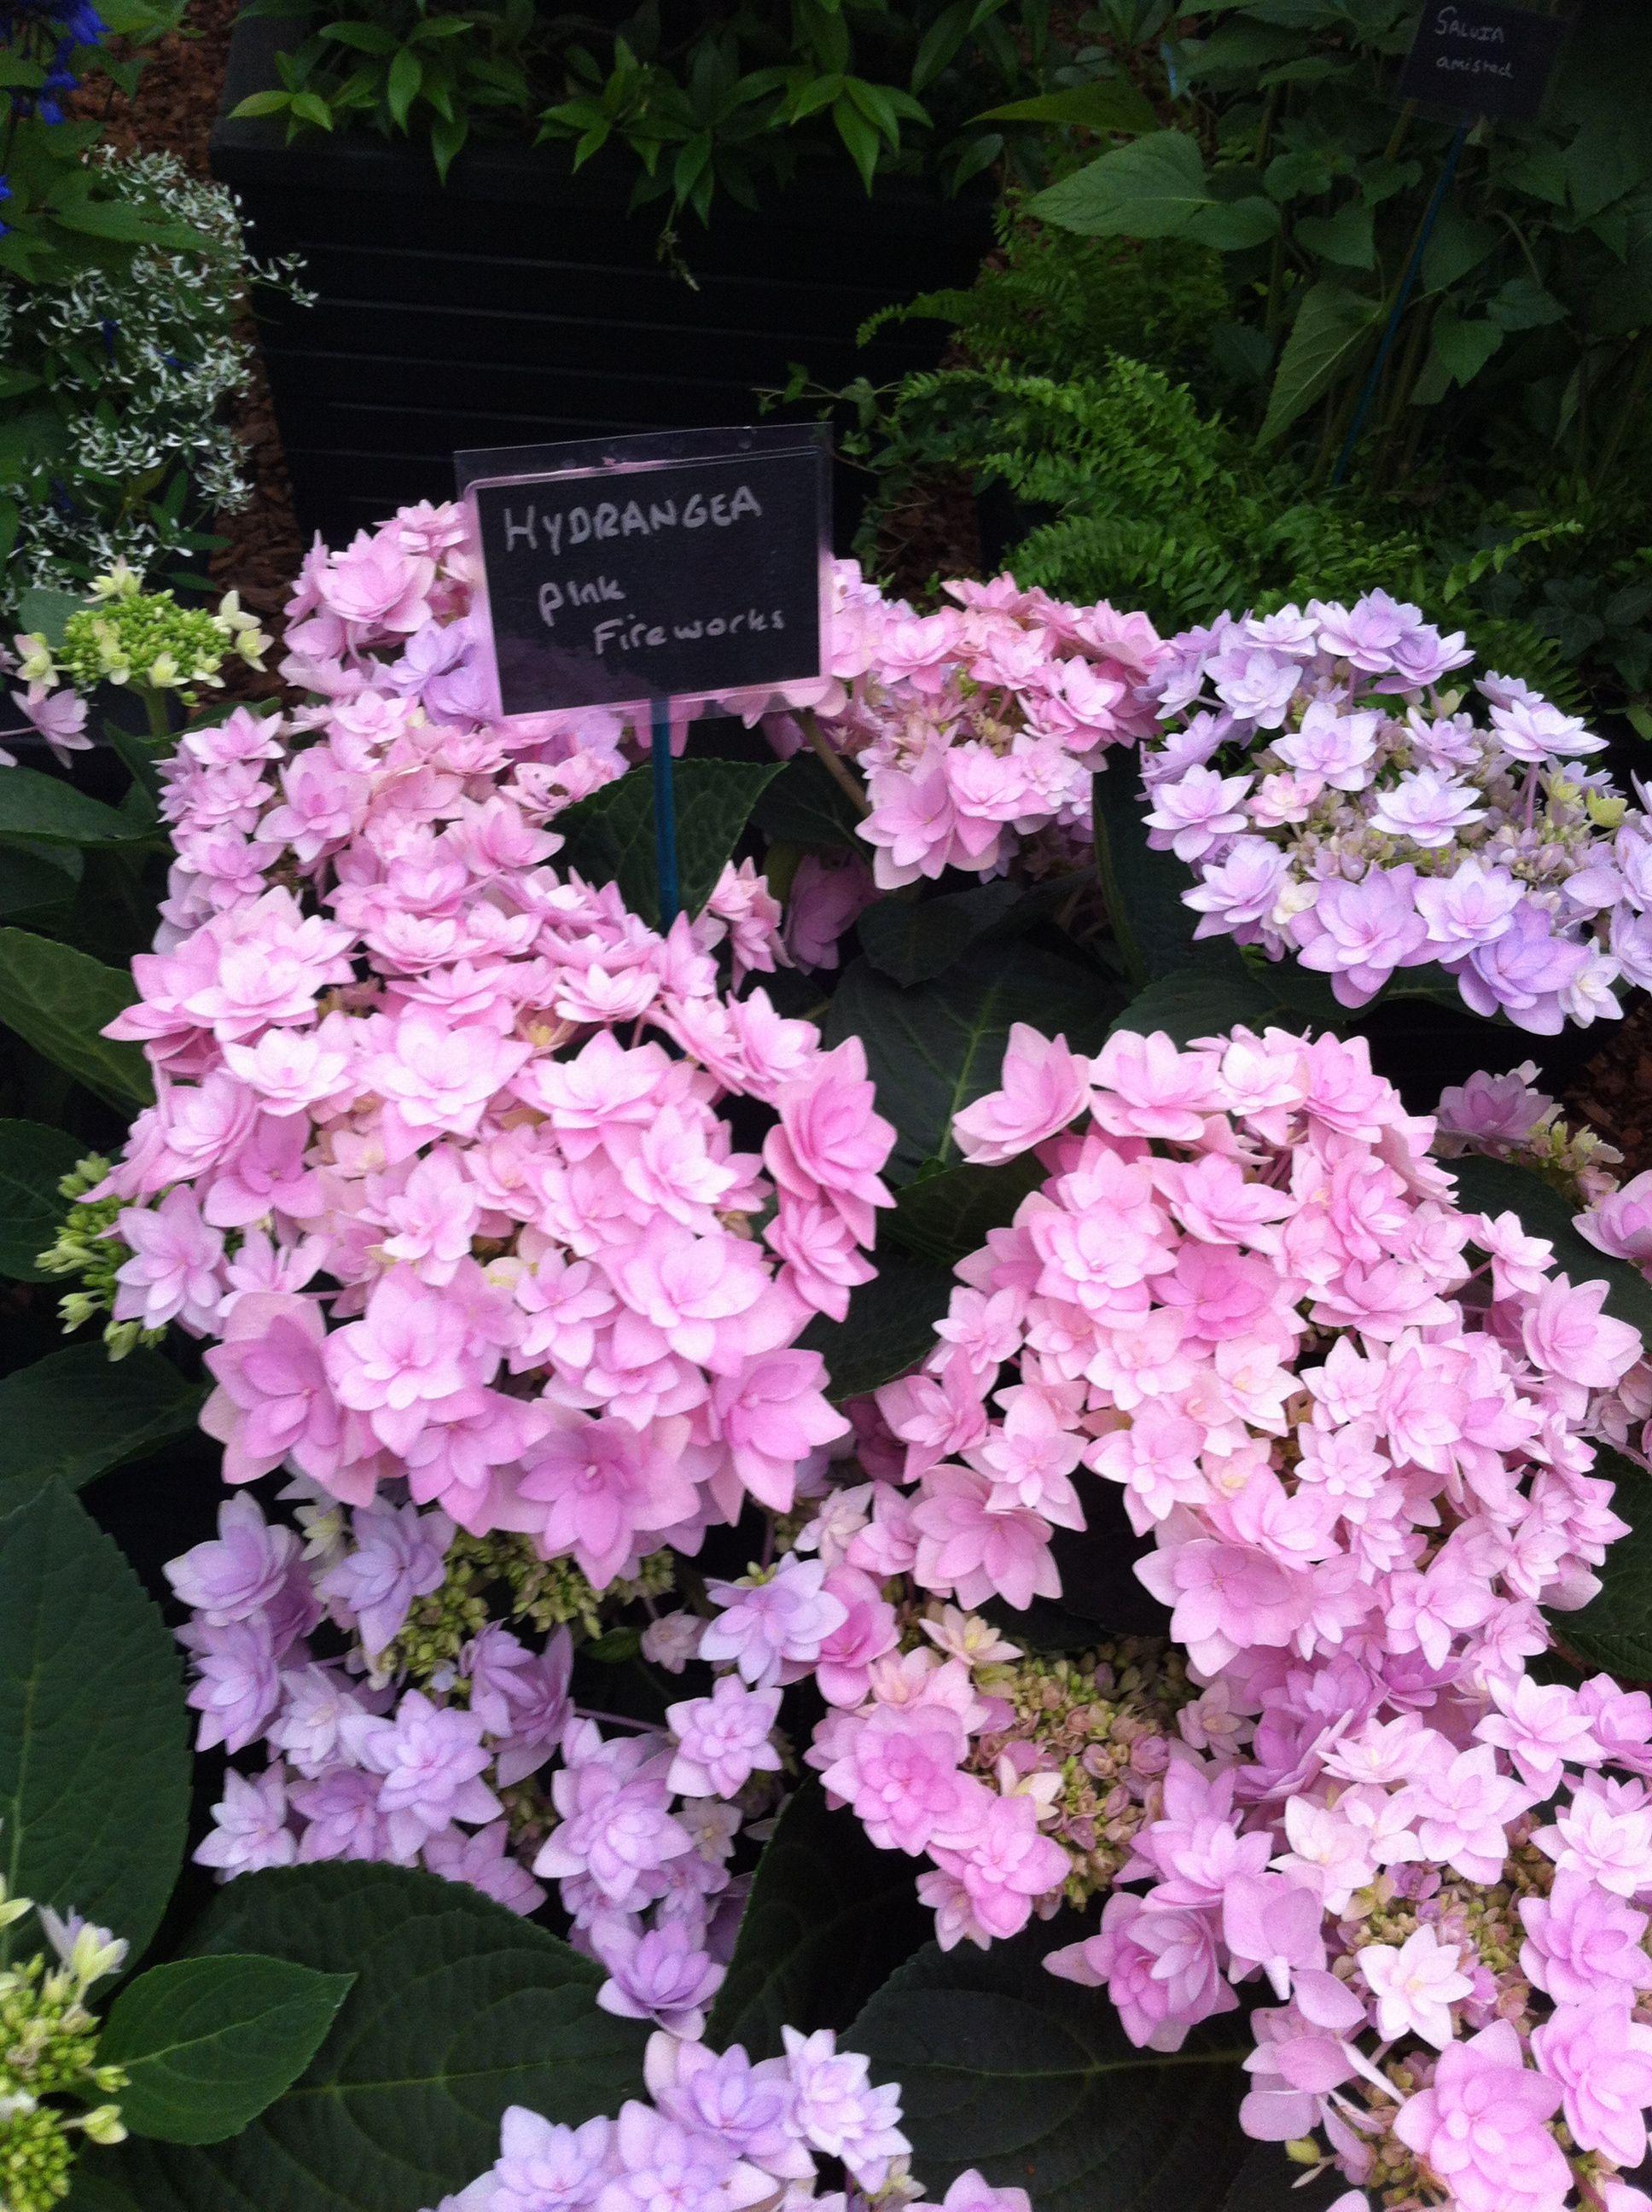 Hydrangea pink fireworks GartenpflanzenFeuerwerkHortensienVilla